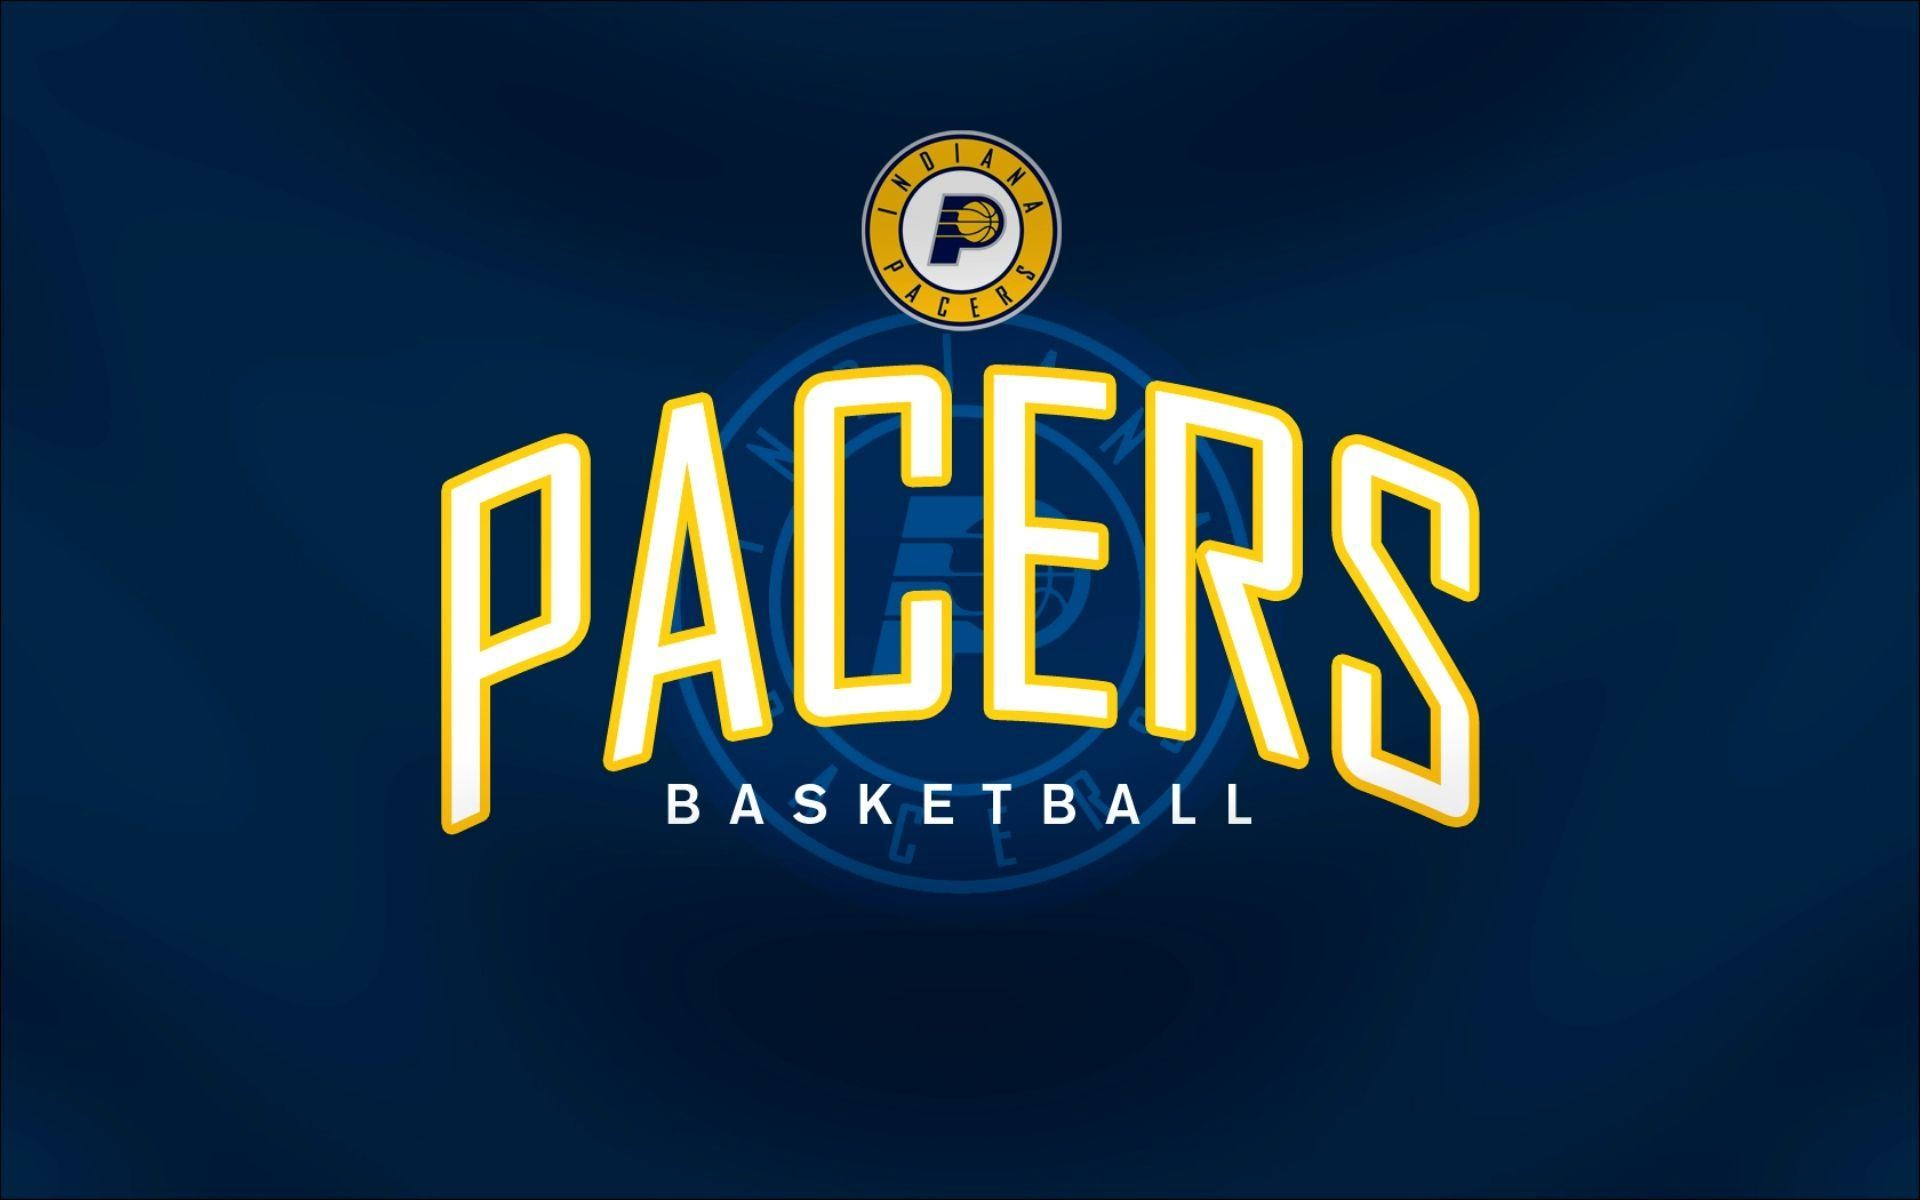 Duke Basketball Logo NBA Team Duke Basketball Logo Wallpaper | NBA .